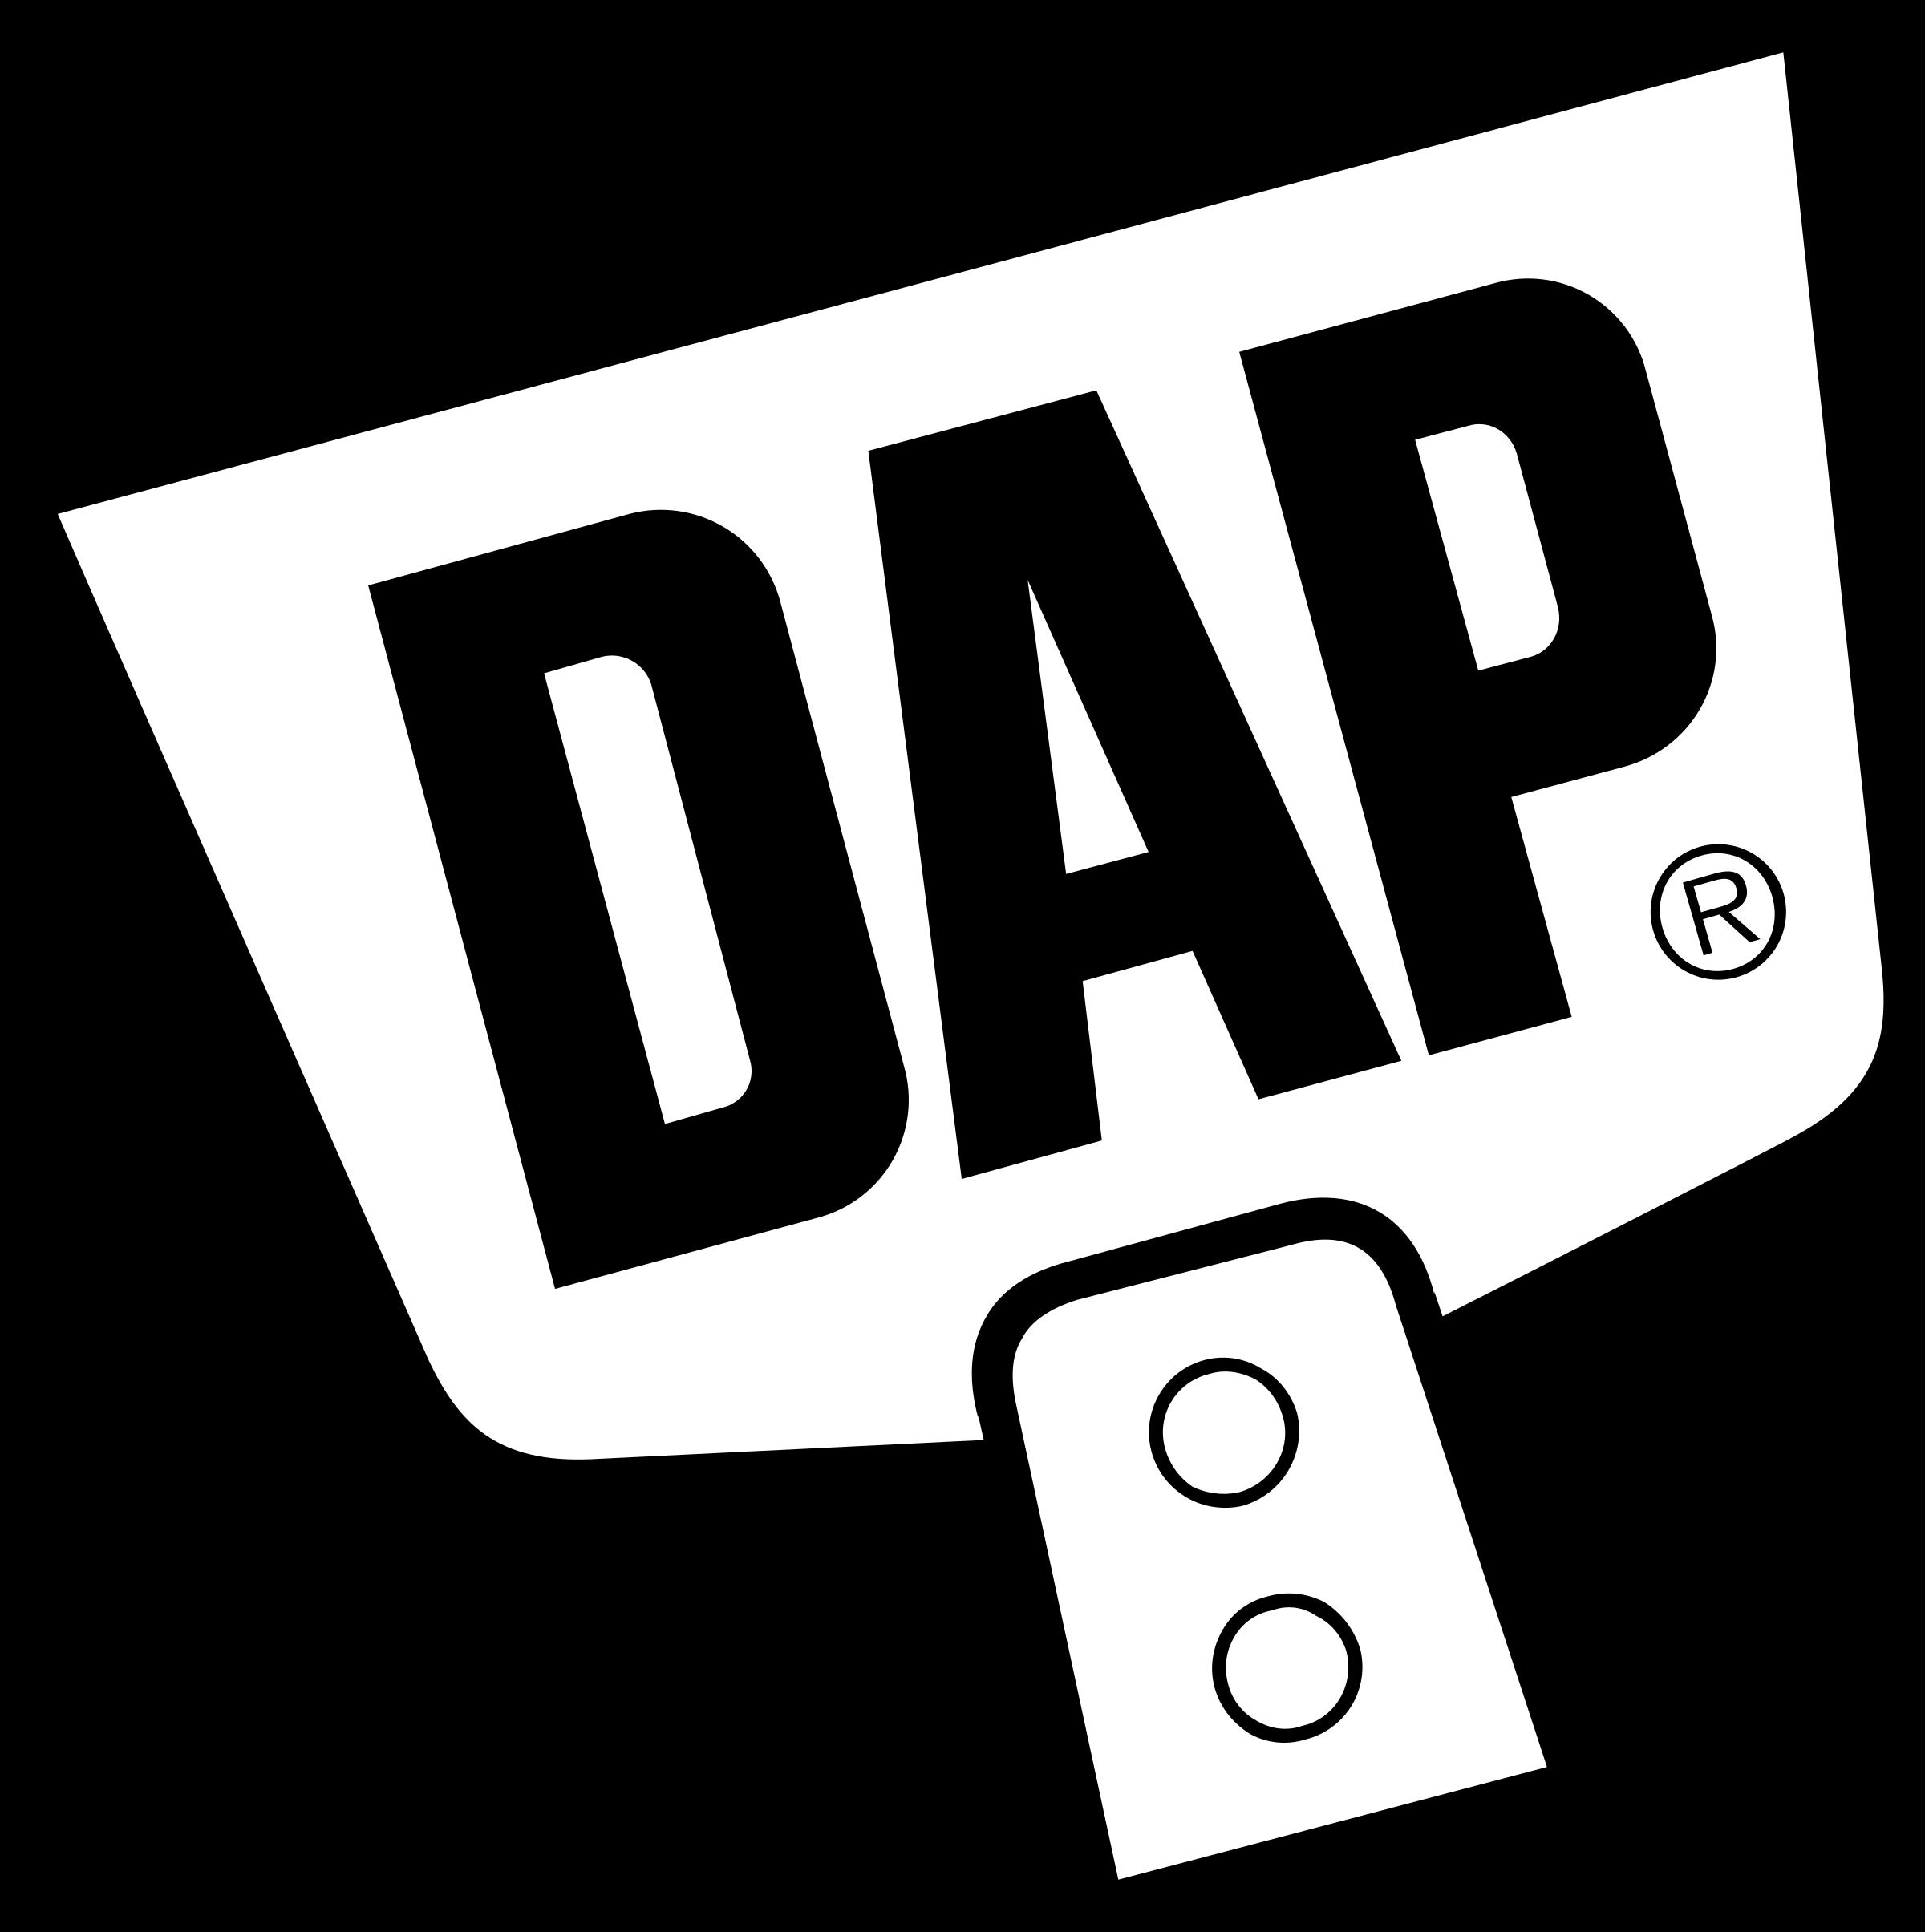 dap-1-logo.png